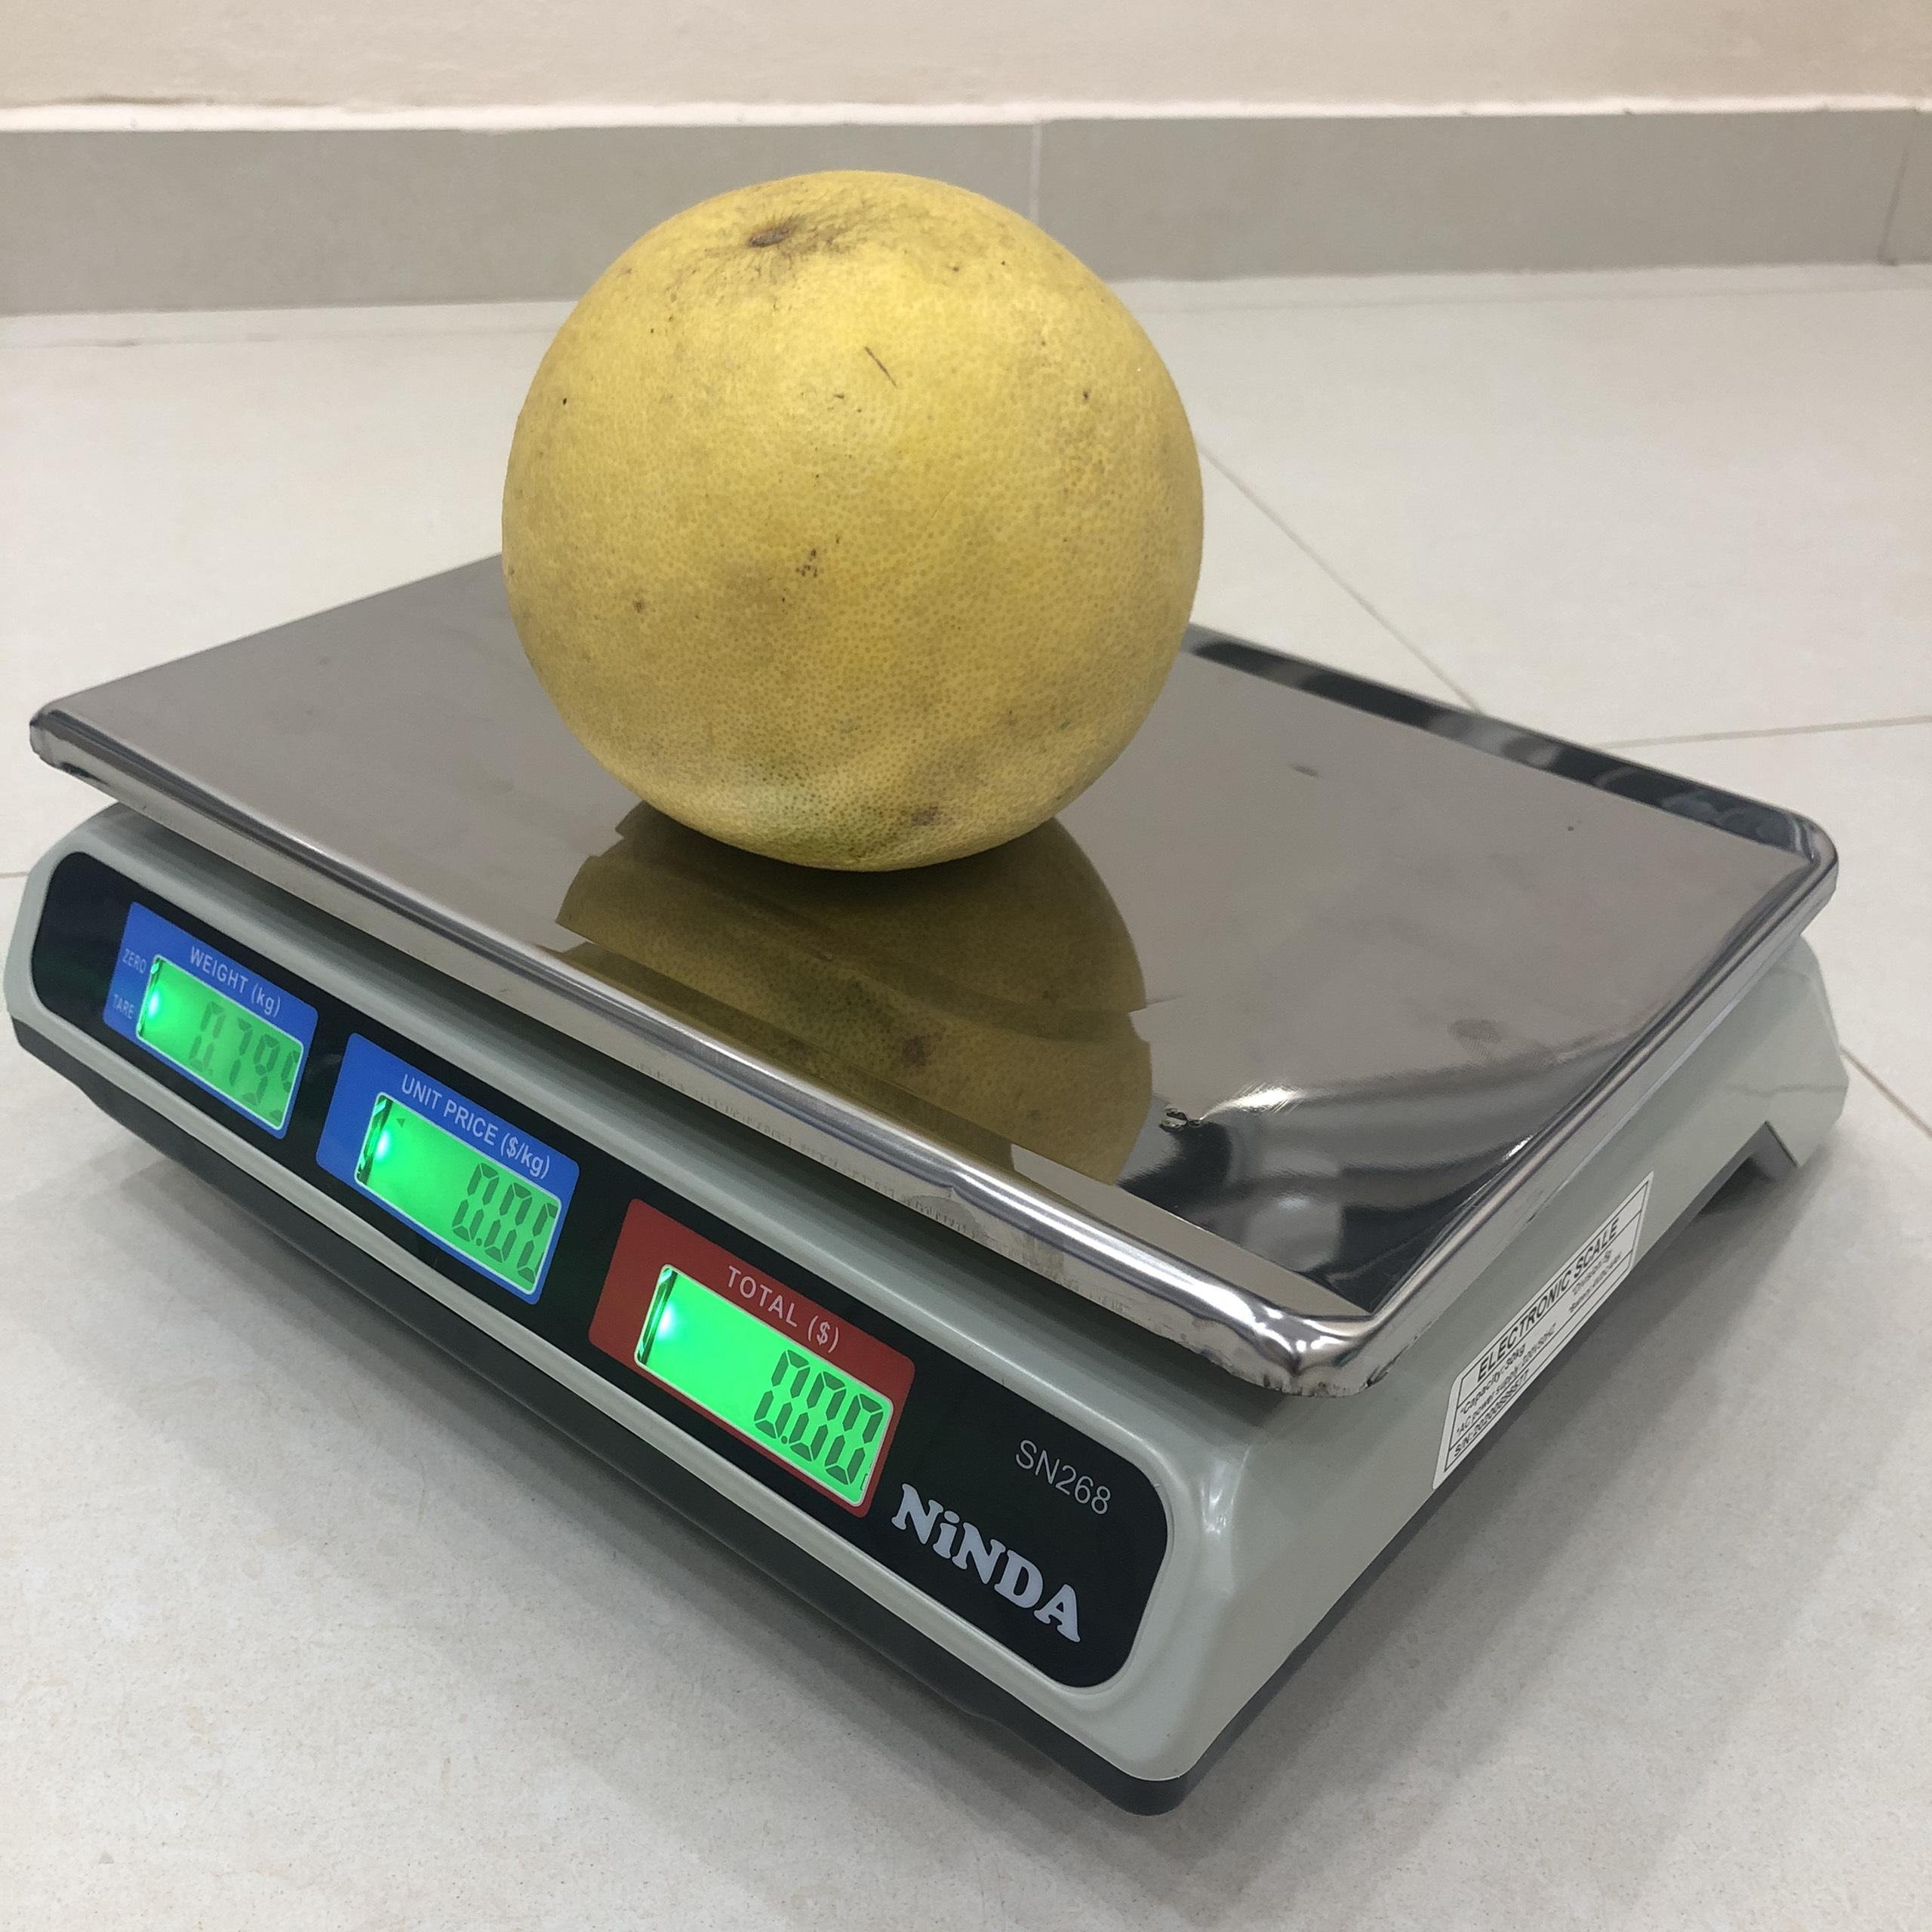 Cân điện tử 30kg Ninda, cân tính giá hoa quả thực phẩm sử dụng cho chuỗi siêu thị, cửa hàng trái cây, rau quả, thủy hải sản